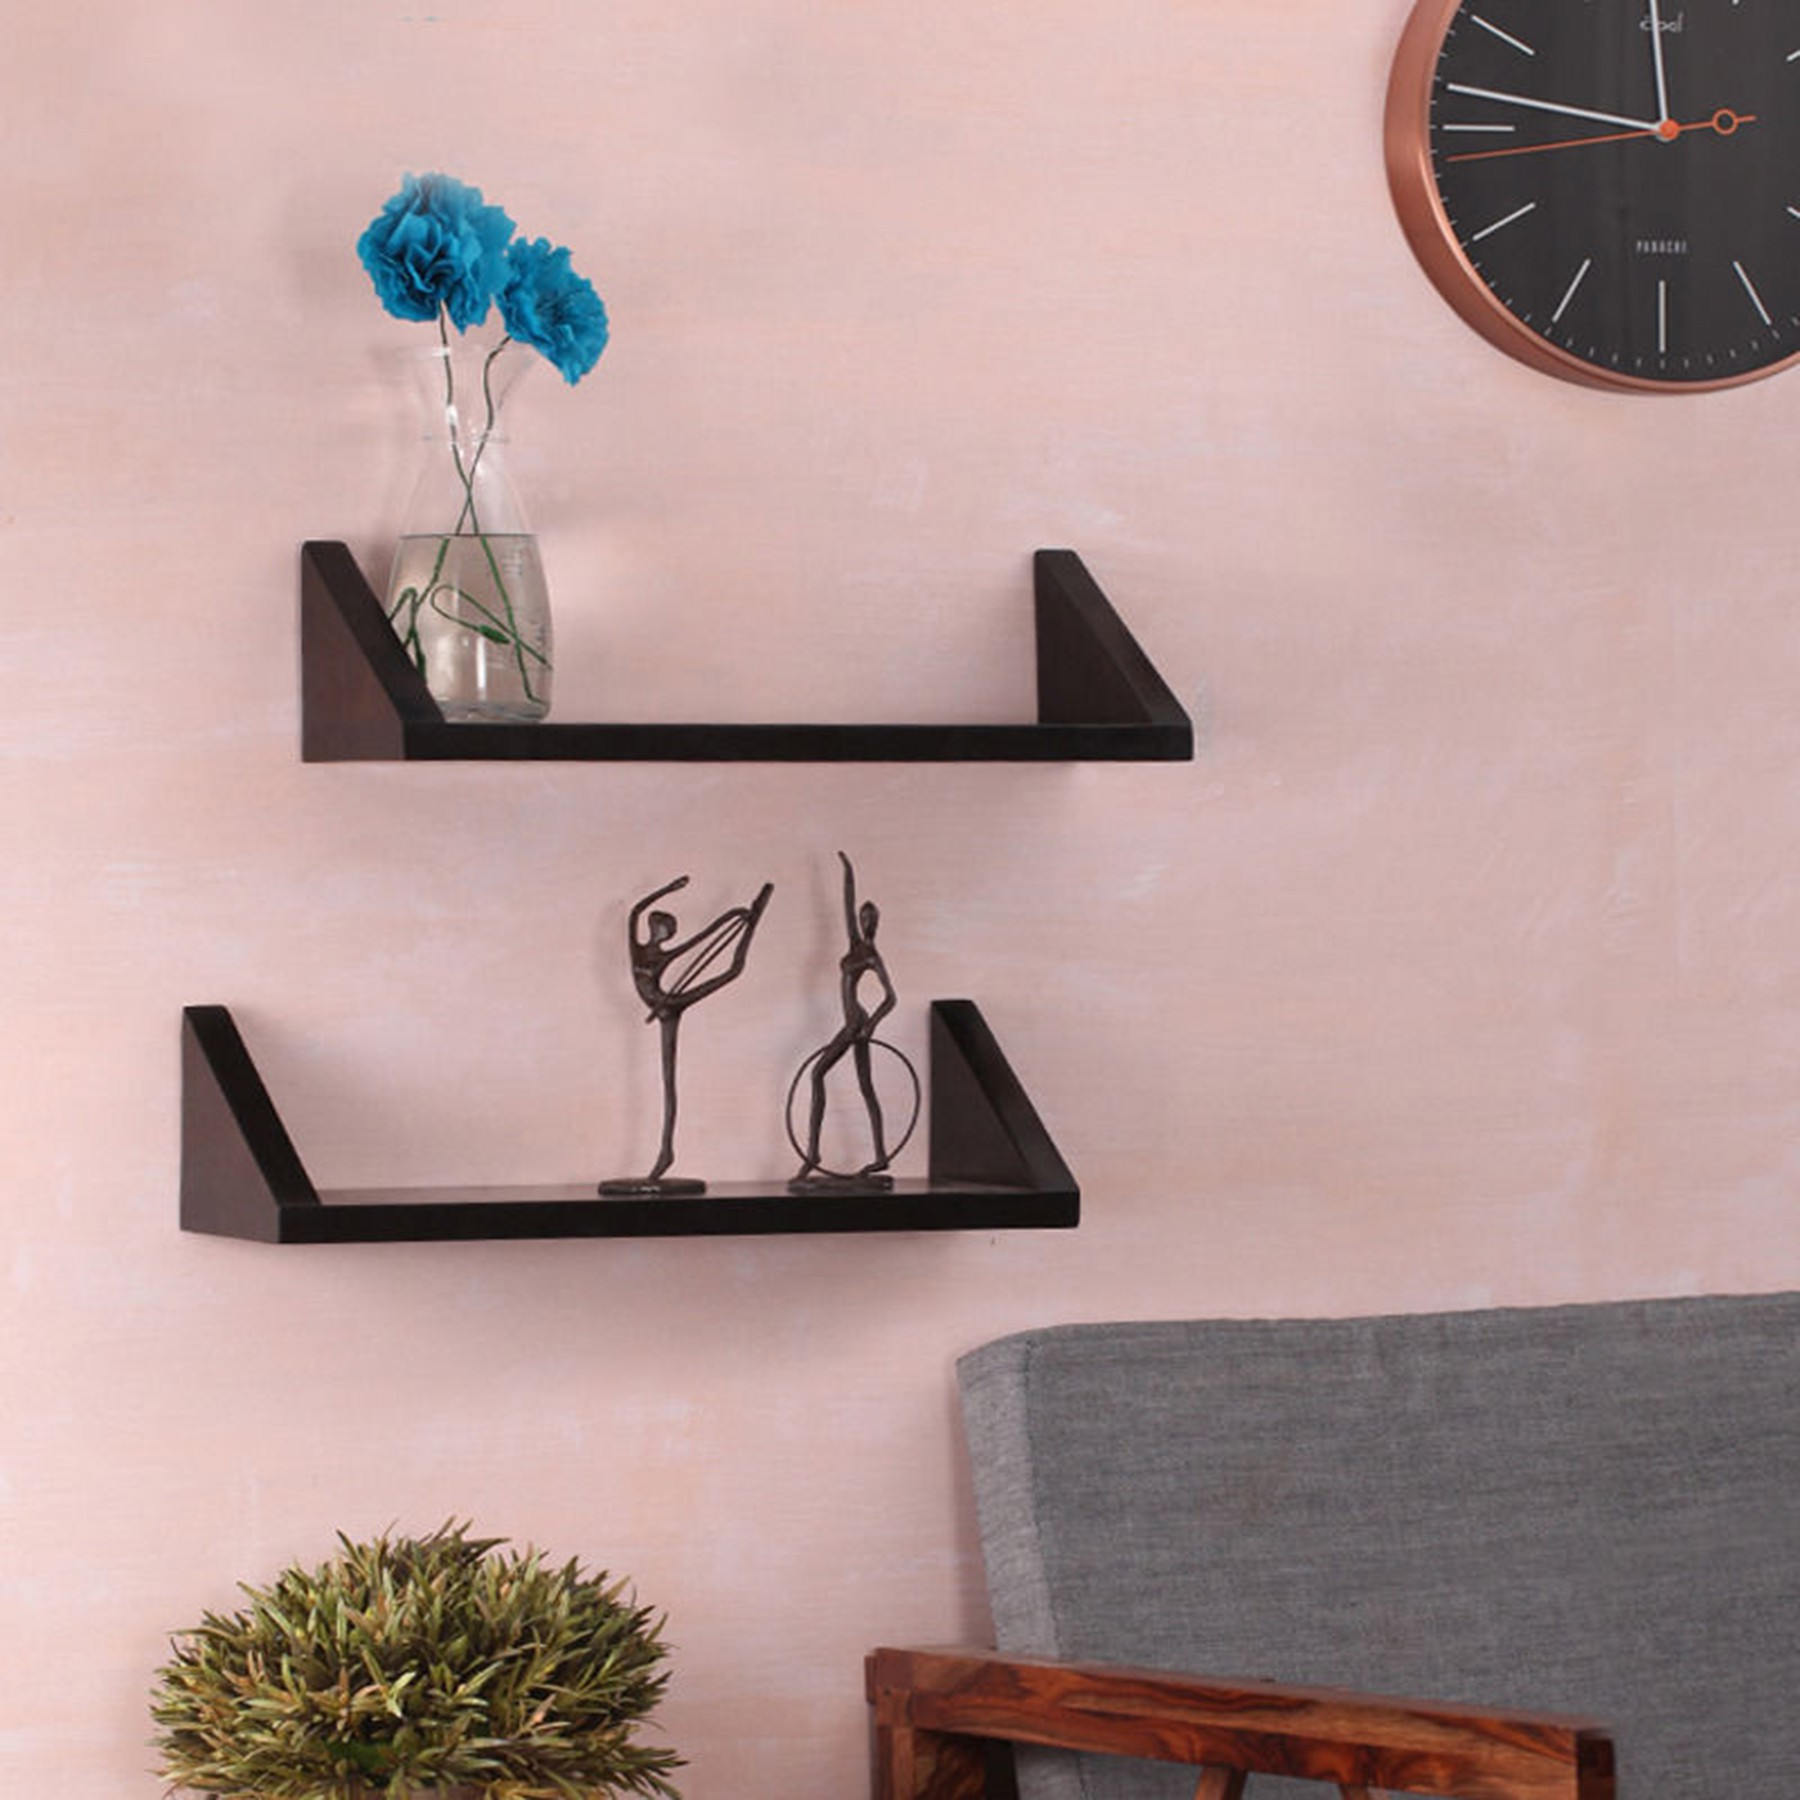 View Woodenartisan Wooden Wall Shelf(Number of Shelves - 2, Black) Furniture (Woodenartisan)